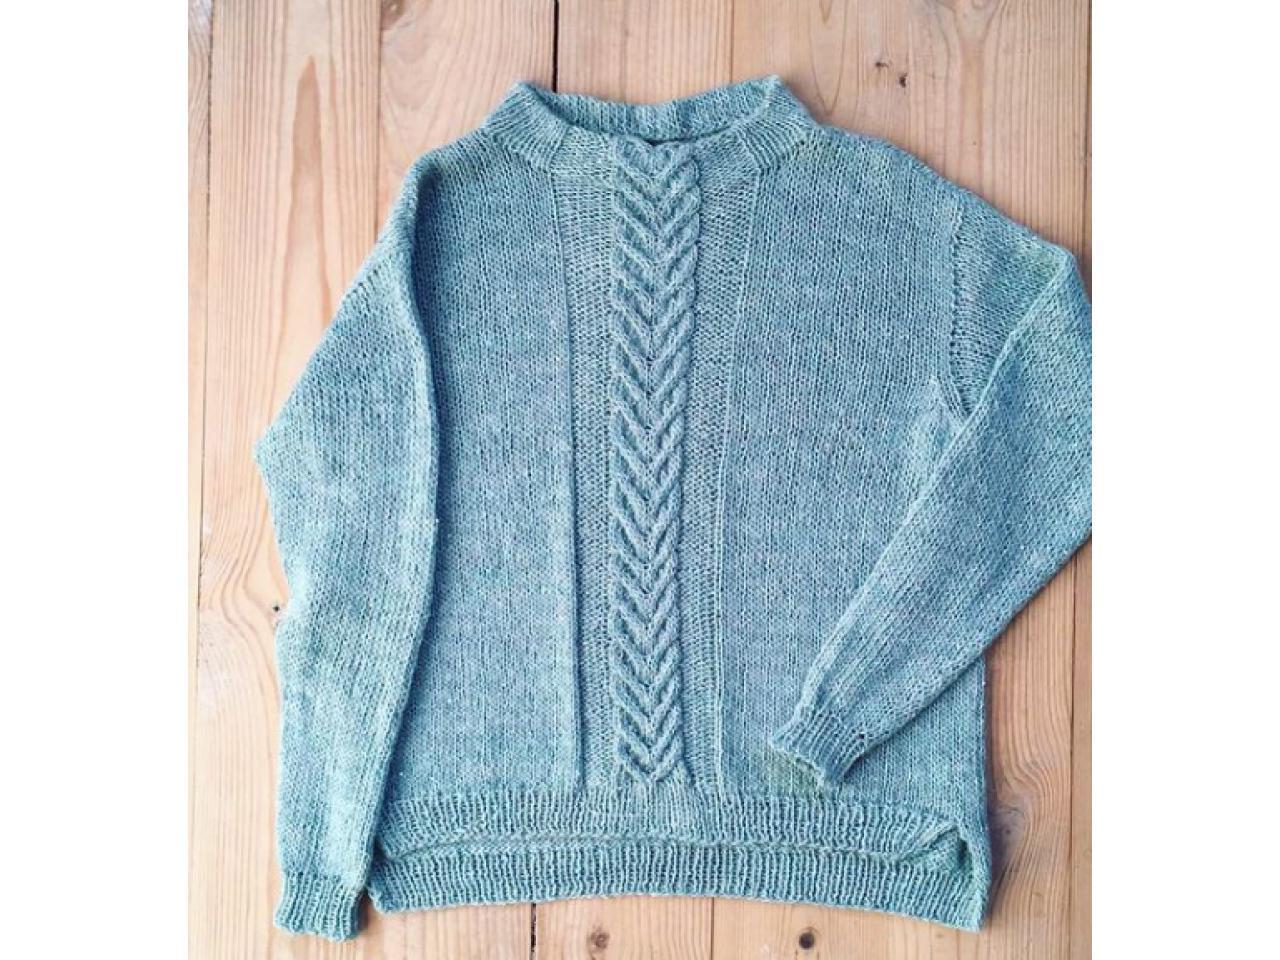 Джемпера и пуловеры ручной работы - 8